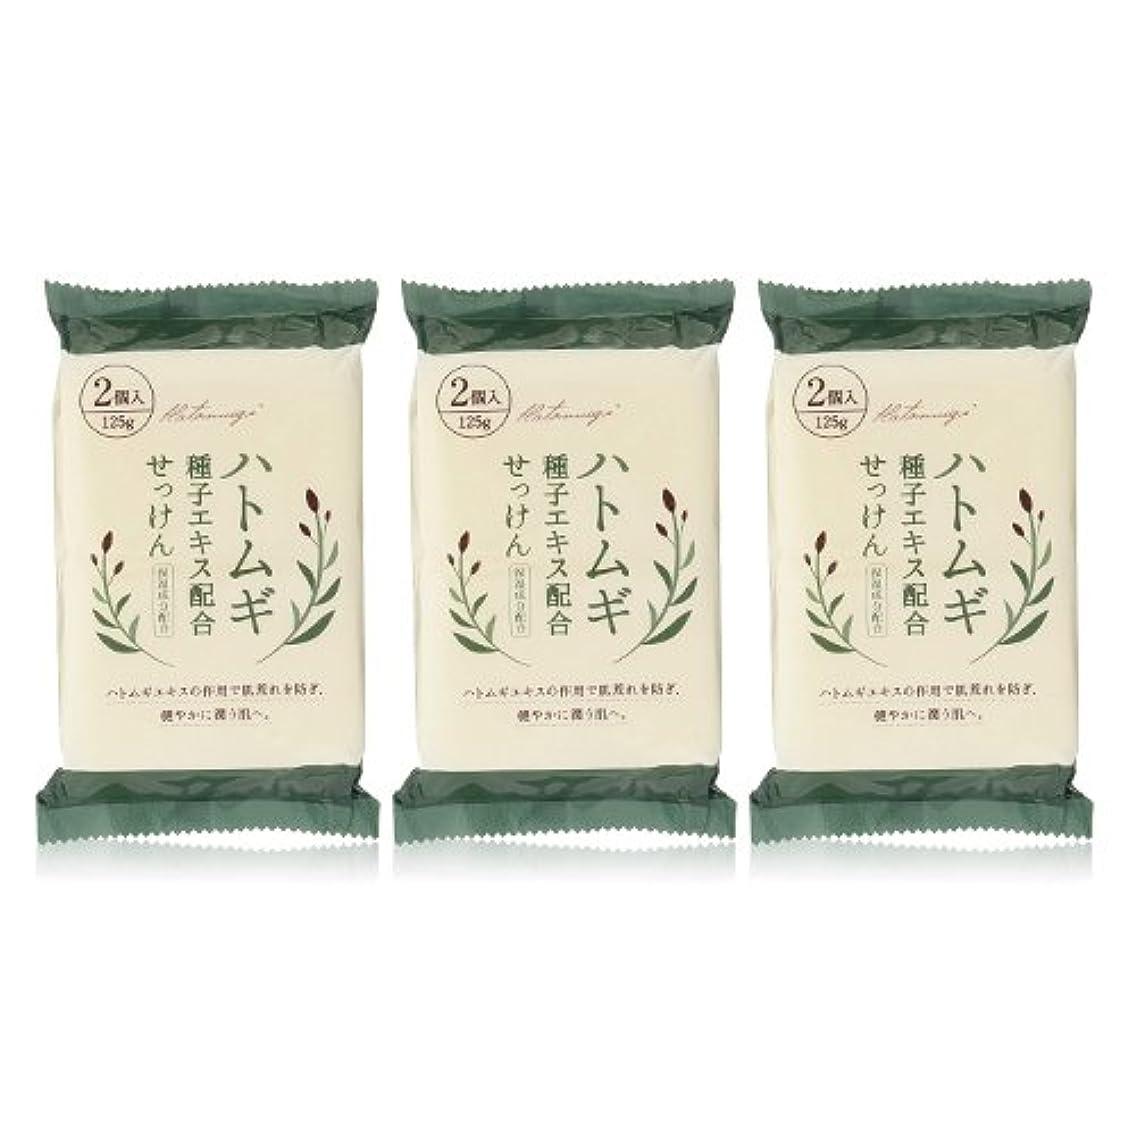 引き算運ぶ医薬品ハトムギ種子エキス配合石けん 125g(2コ入)×3個セット(計6個)